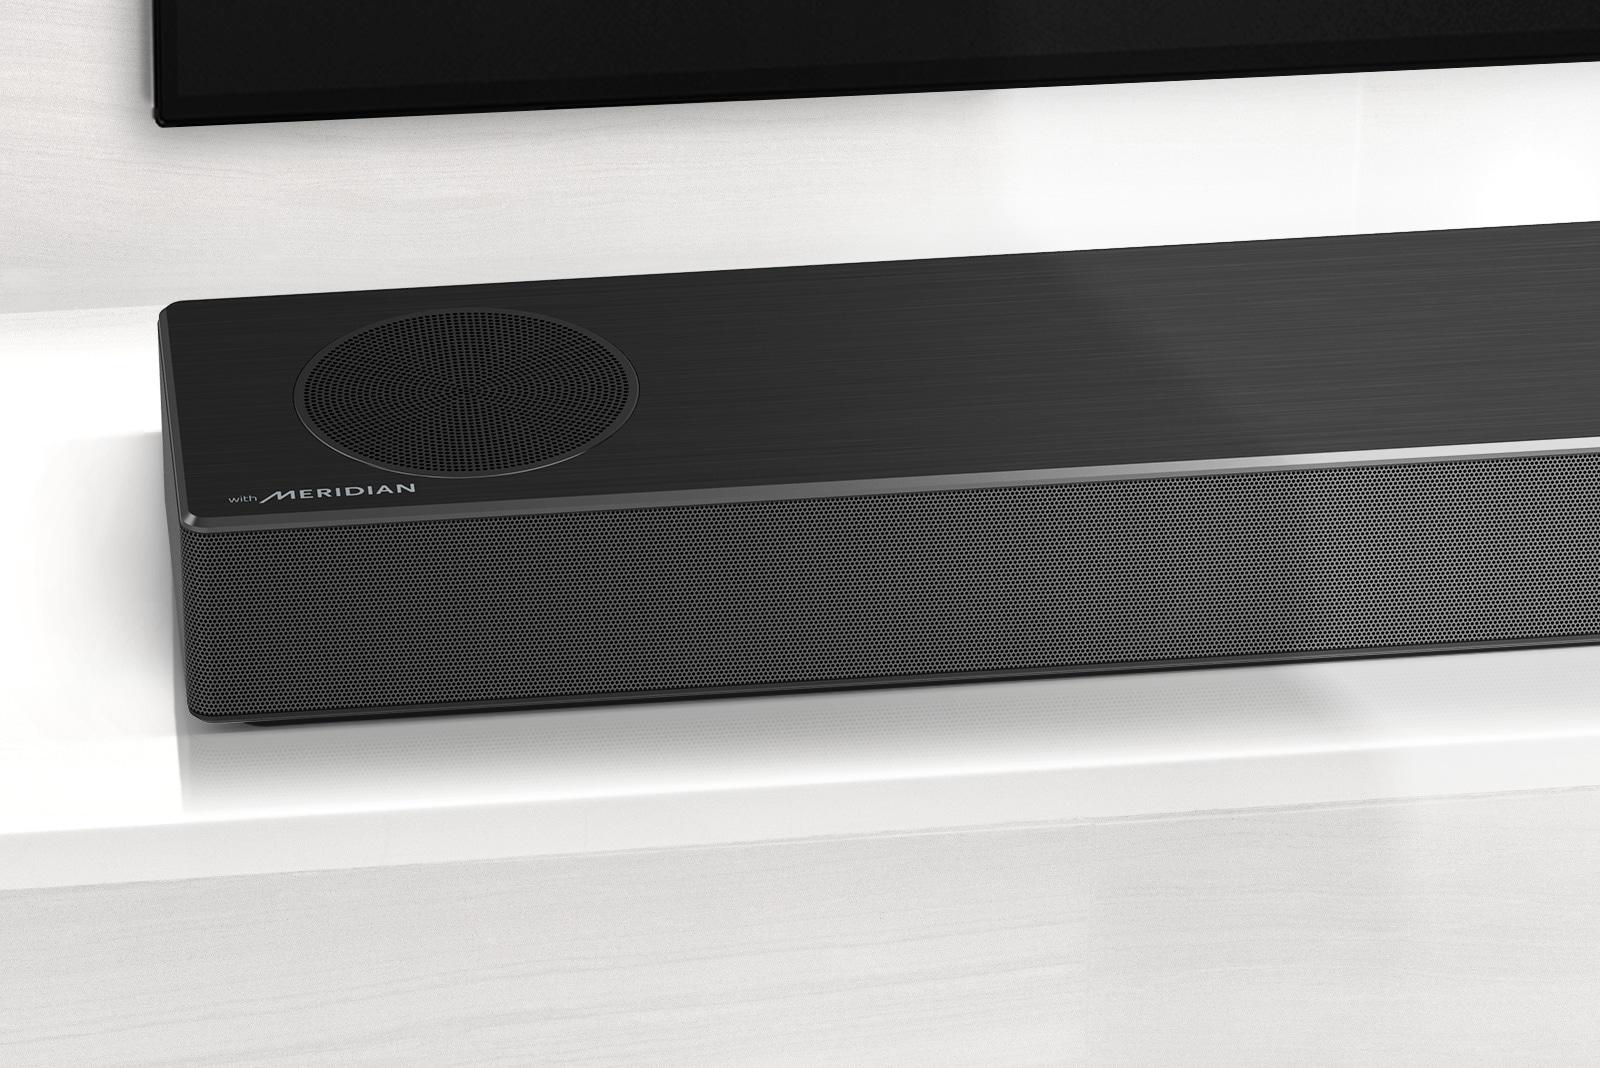 Primer plano del lado izquierdo de la barra de sonido LG con el logo Meridian en la esquina inferior izquierda. También se ve el lado inferior izquierdo del televisor.